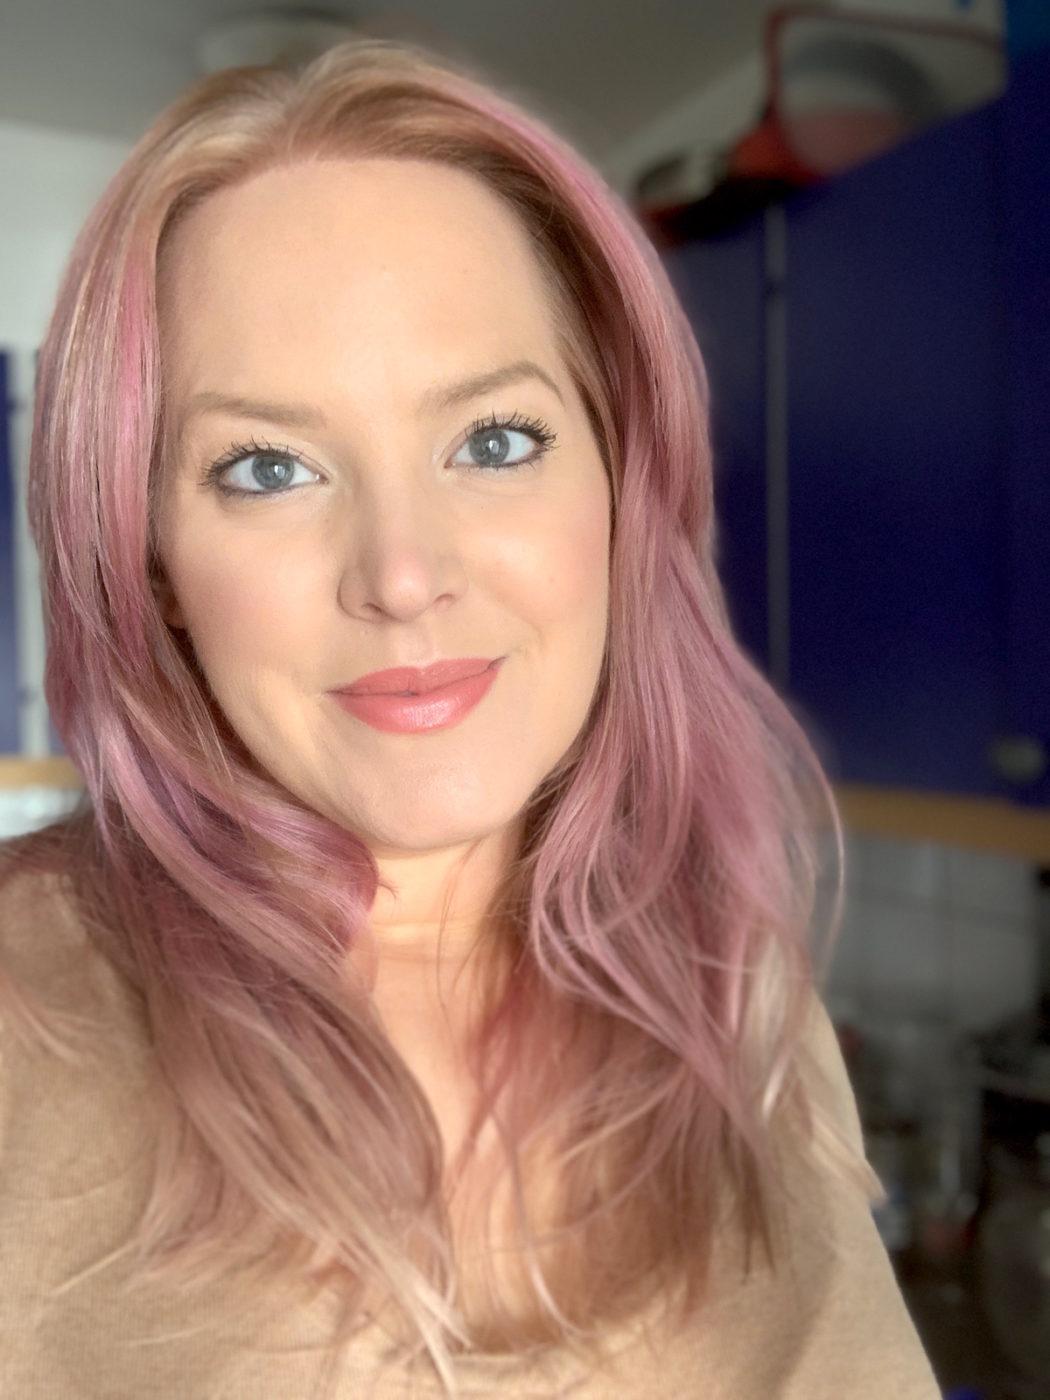 Jag trivs i mitt nya lila hår. Bild framifrån.